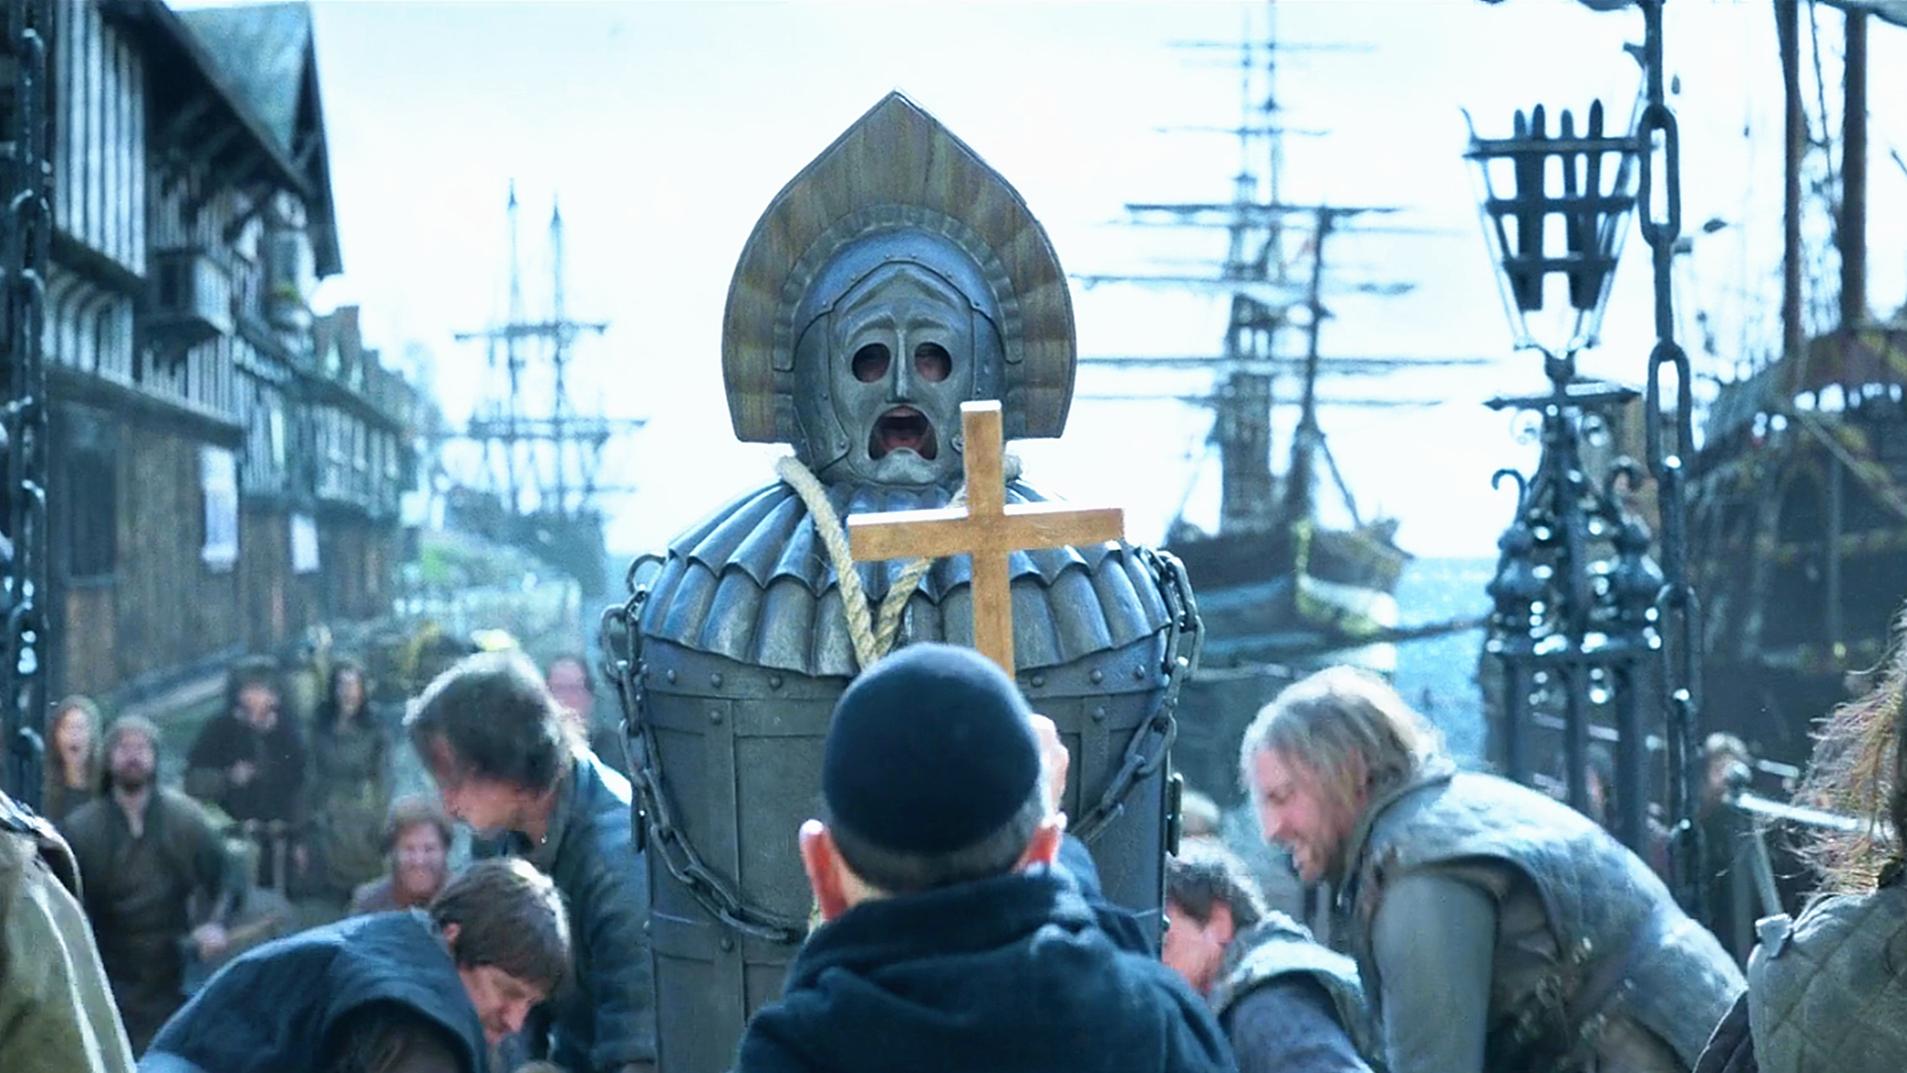 【一色】新片《不死军团》,查理兹·塞隆的千年女斗士,我为人类作贡献